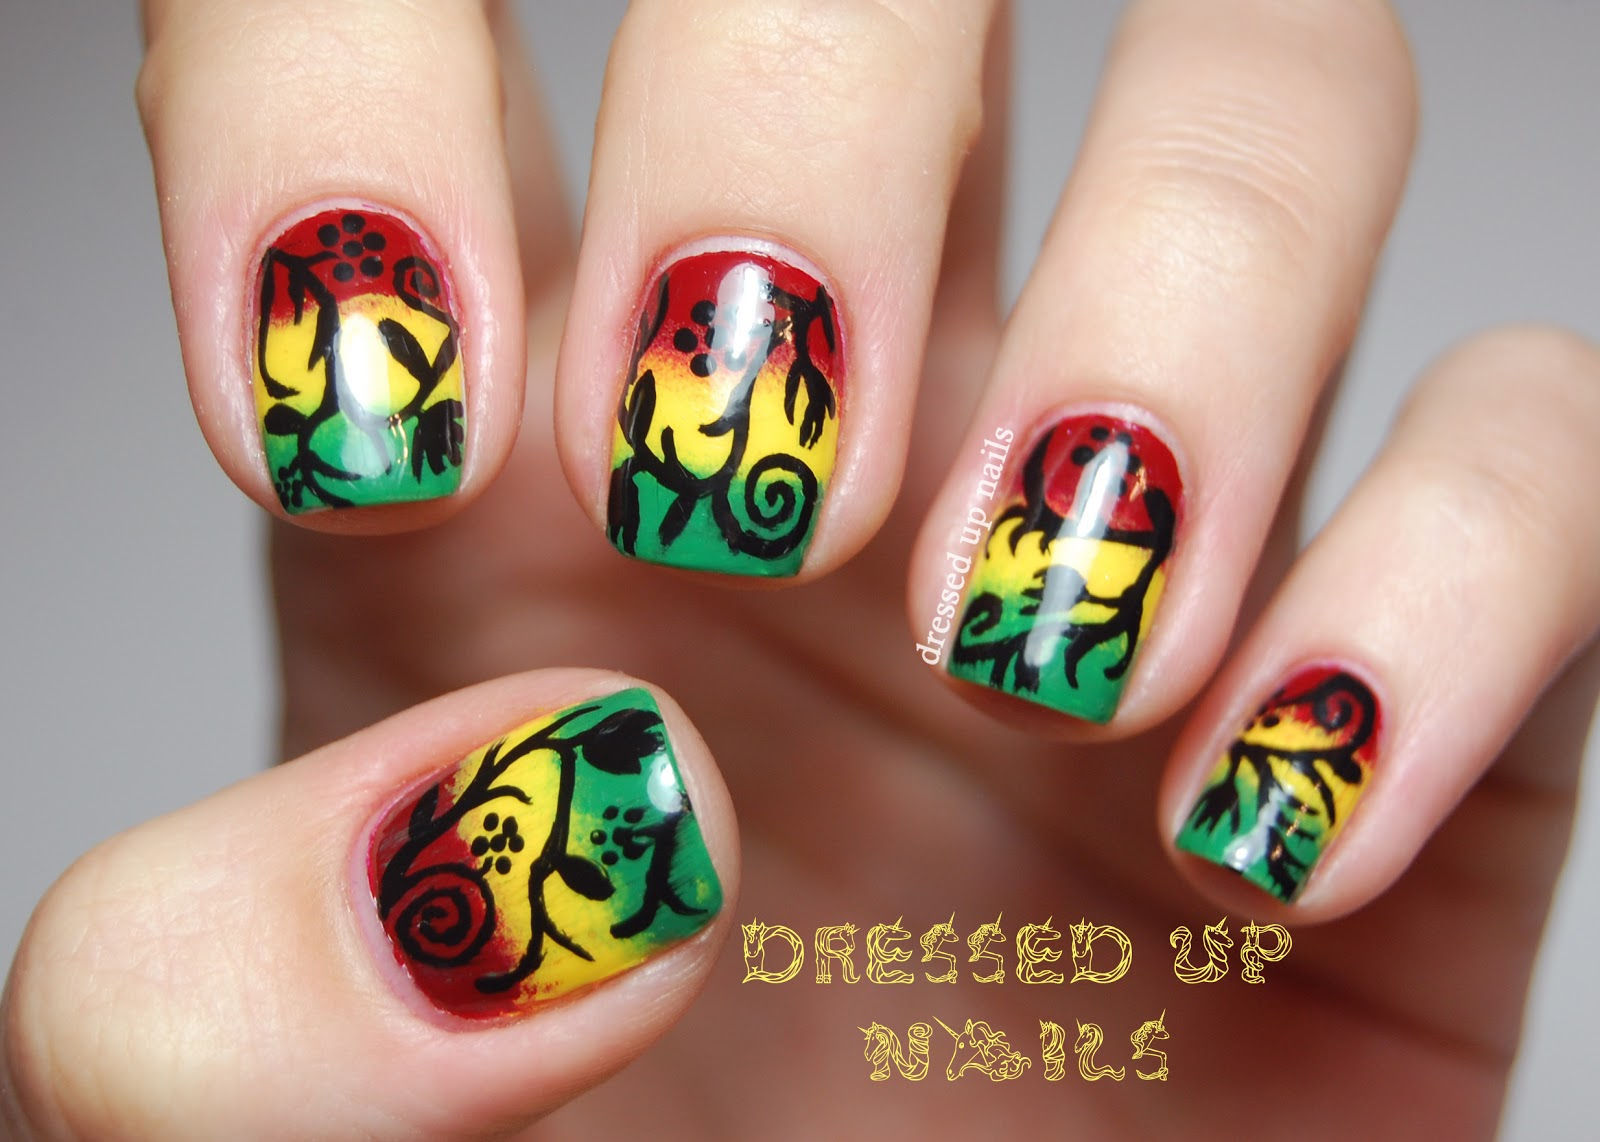 Rasta nails design images nail art and nail design ideas rasta nail design images nail art and nail design ideas rasta nails design image collections nail prinsesfo Choice Image